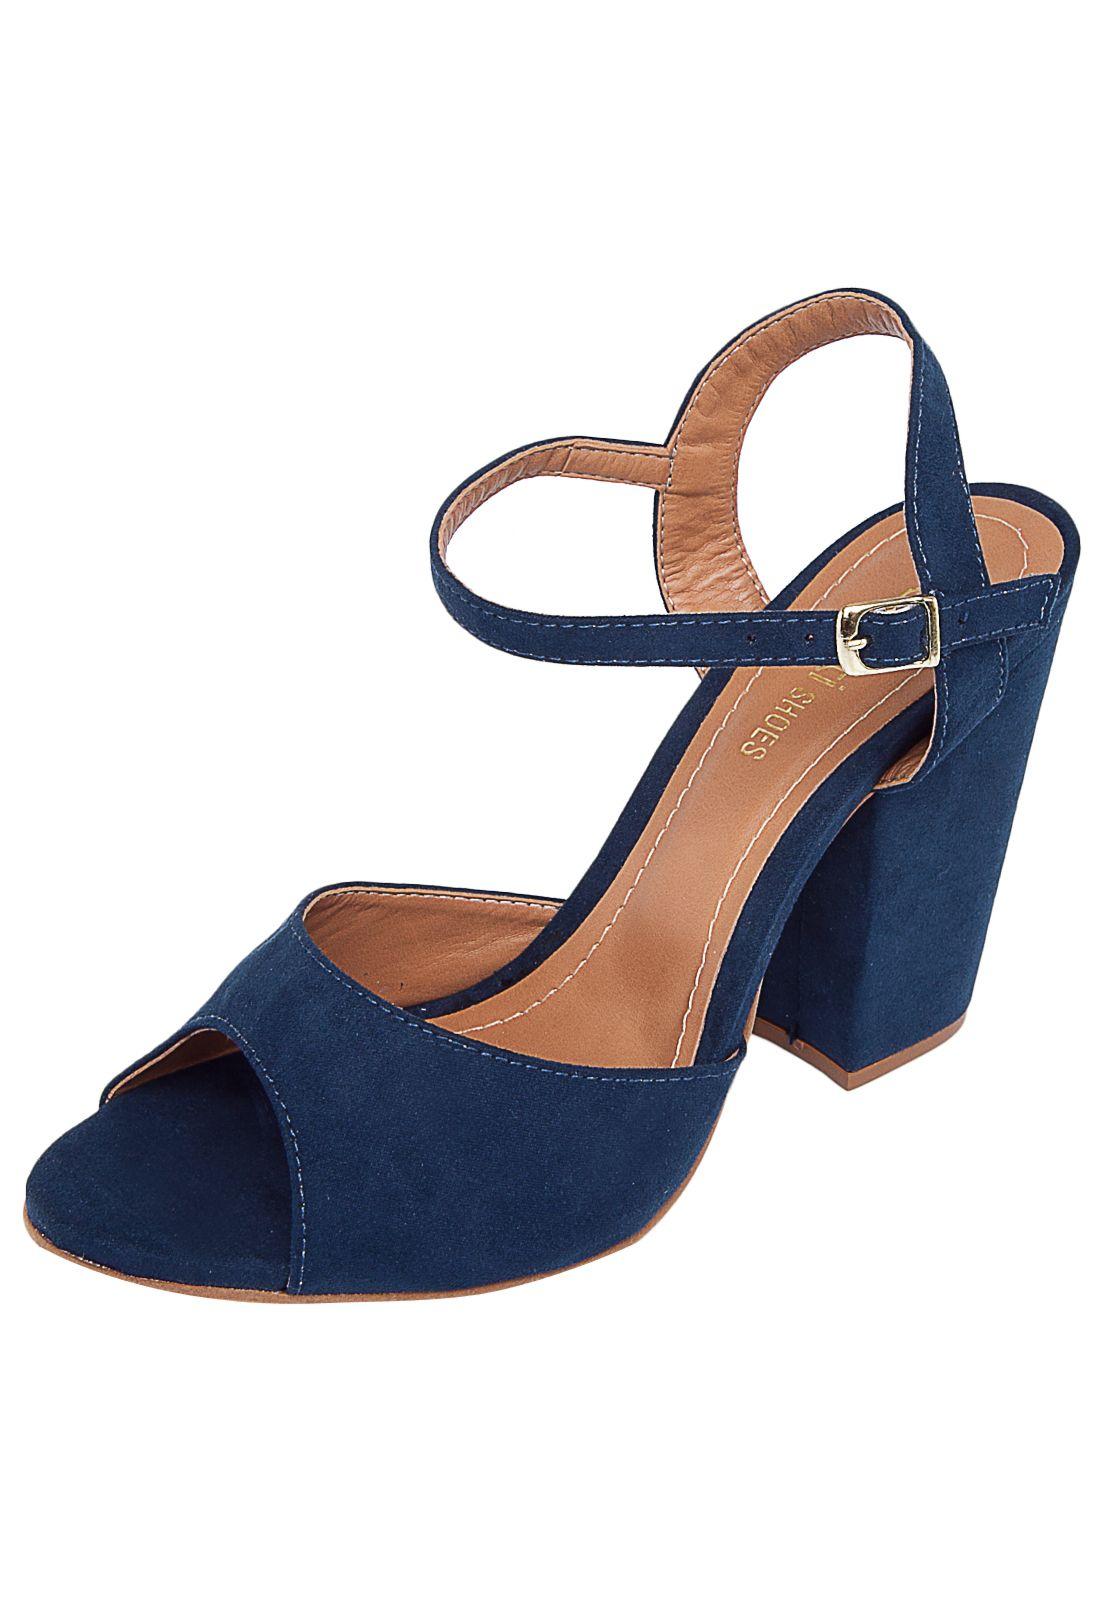 Sandália DAFITI SHOES Salto Grosso Azul - Marca DAFITI SHOES 23063e3352b